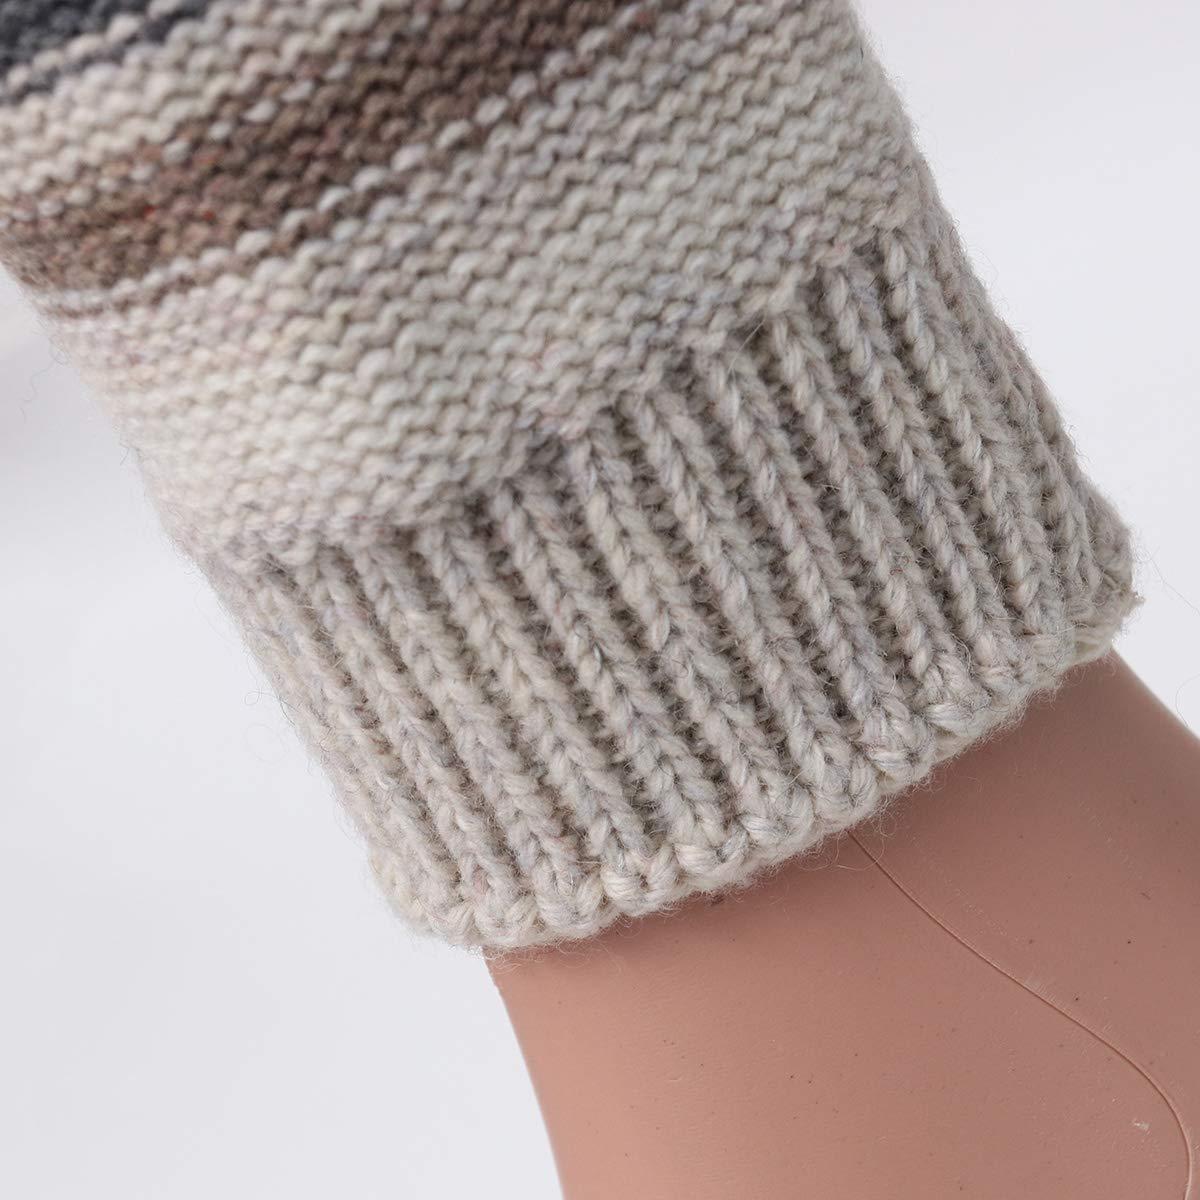 BESTOYARD Calentadores para Las piernas Rayas de Invierno oto/ñal a Juego Lana Tejida Calcetines Calientes Mangas Botas Leggings